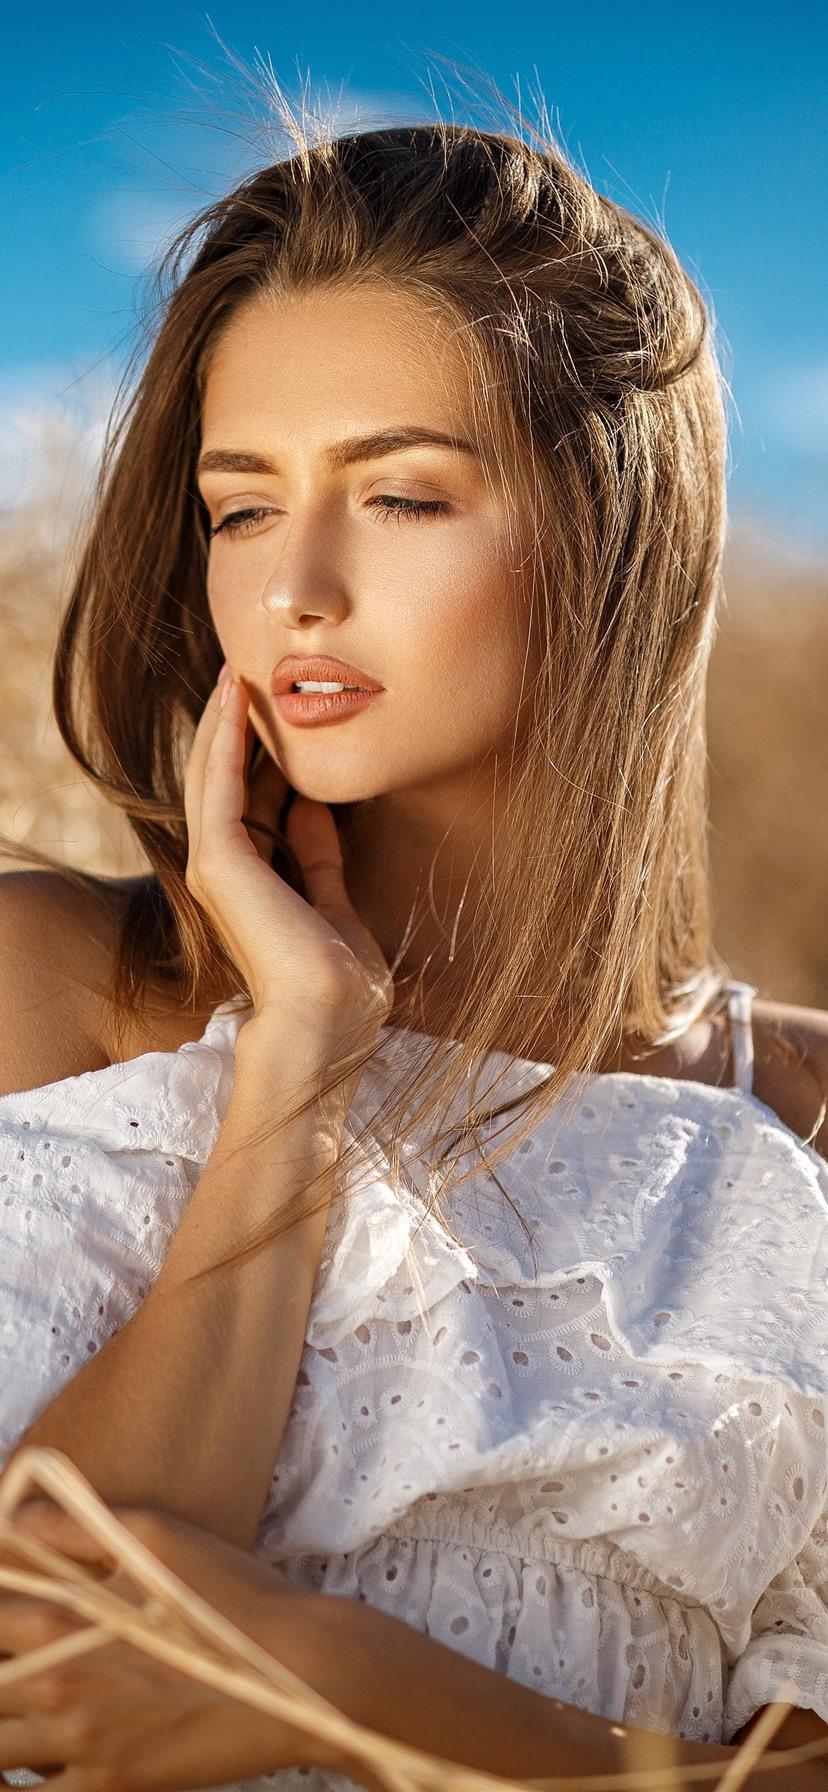 Blonde girl, summer, white skirt 1242x2688 iPhone XS Max